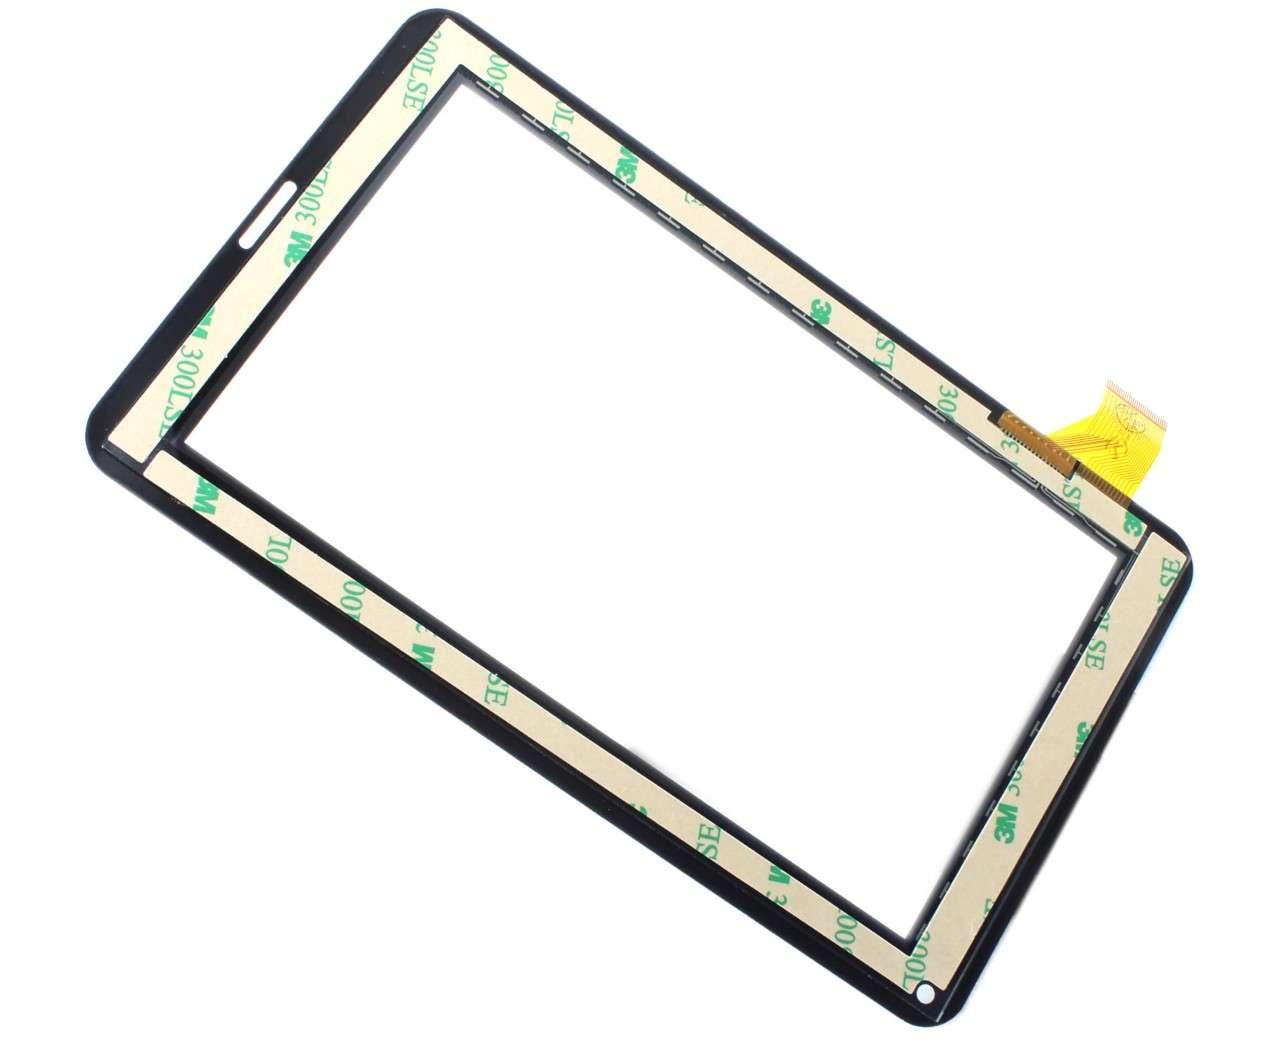 Touchscreen Digitizer GoClever Terra 70 Geam Sticla Tableta imagine powerlaptop.ro 2021